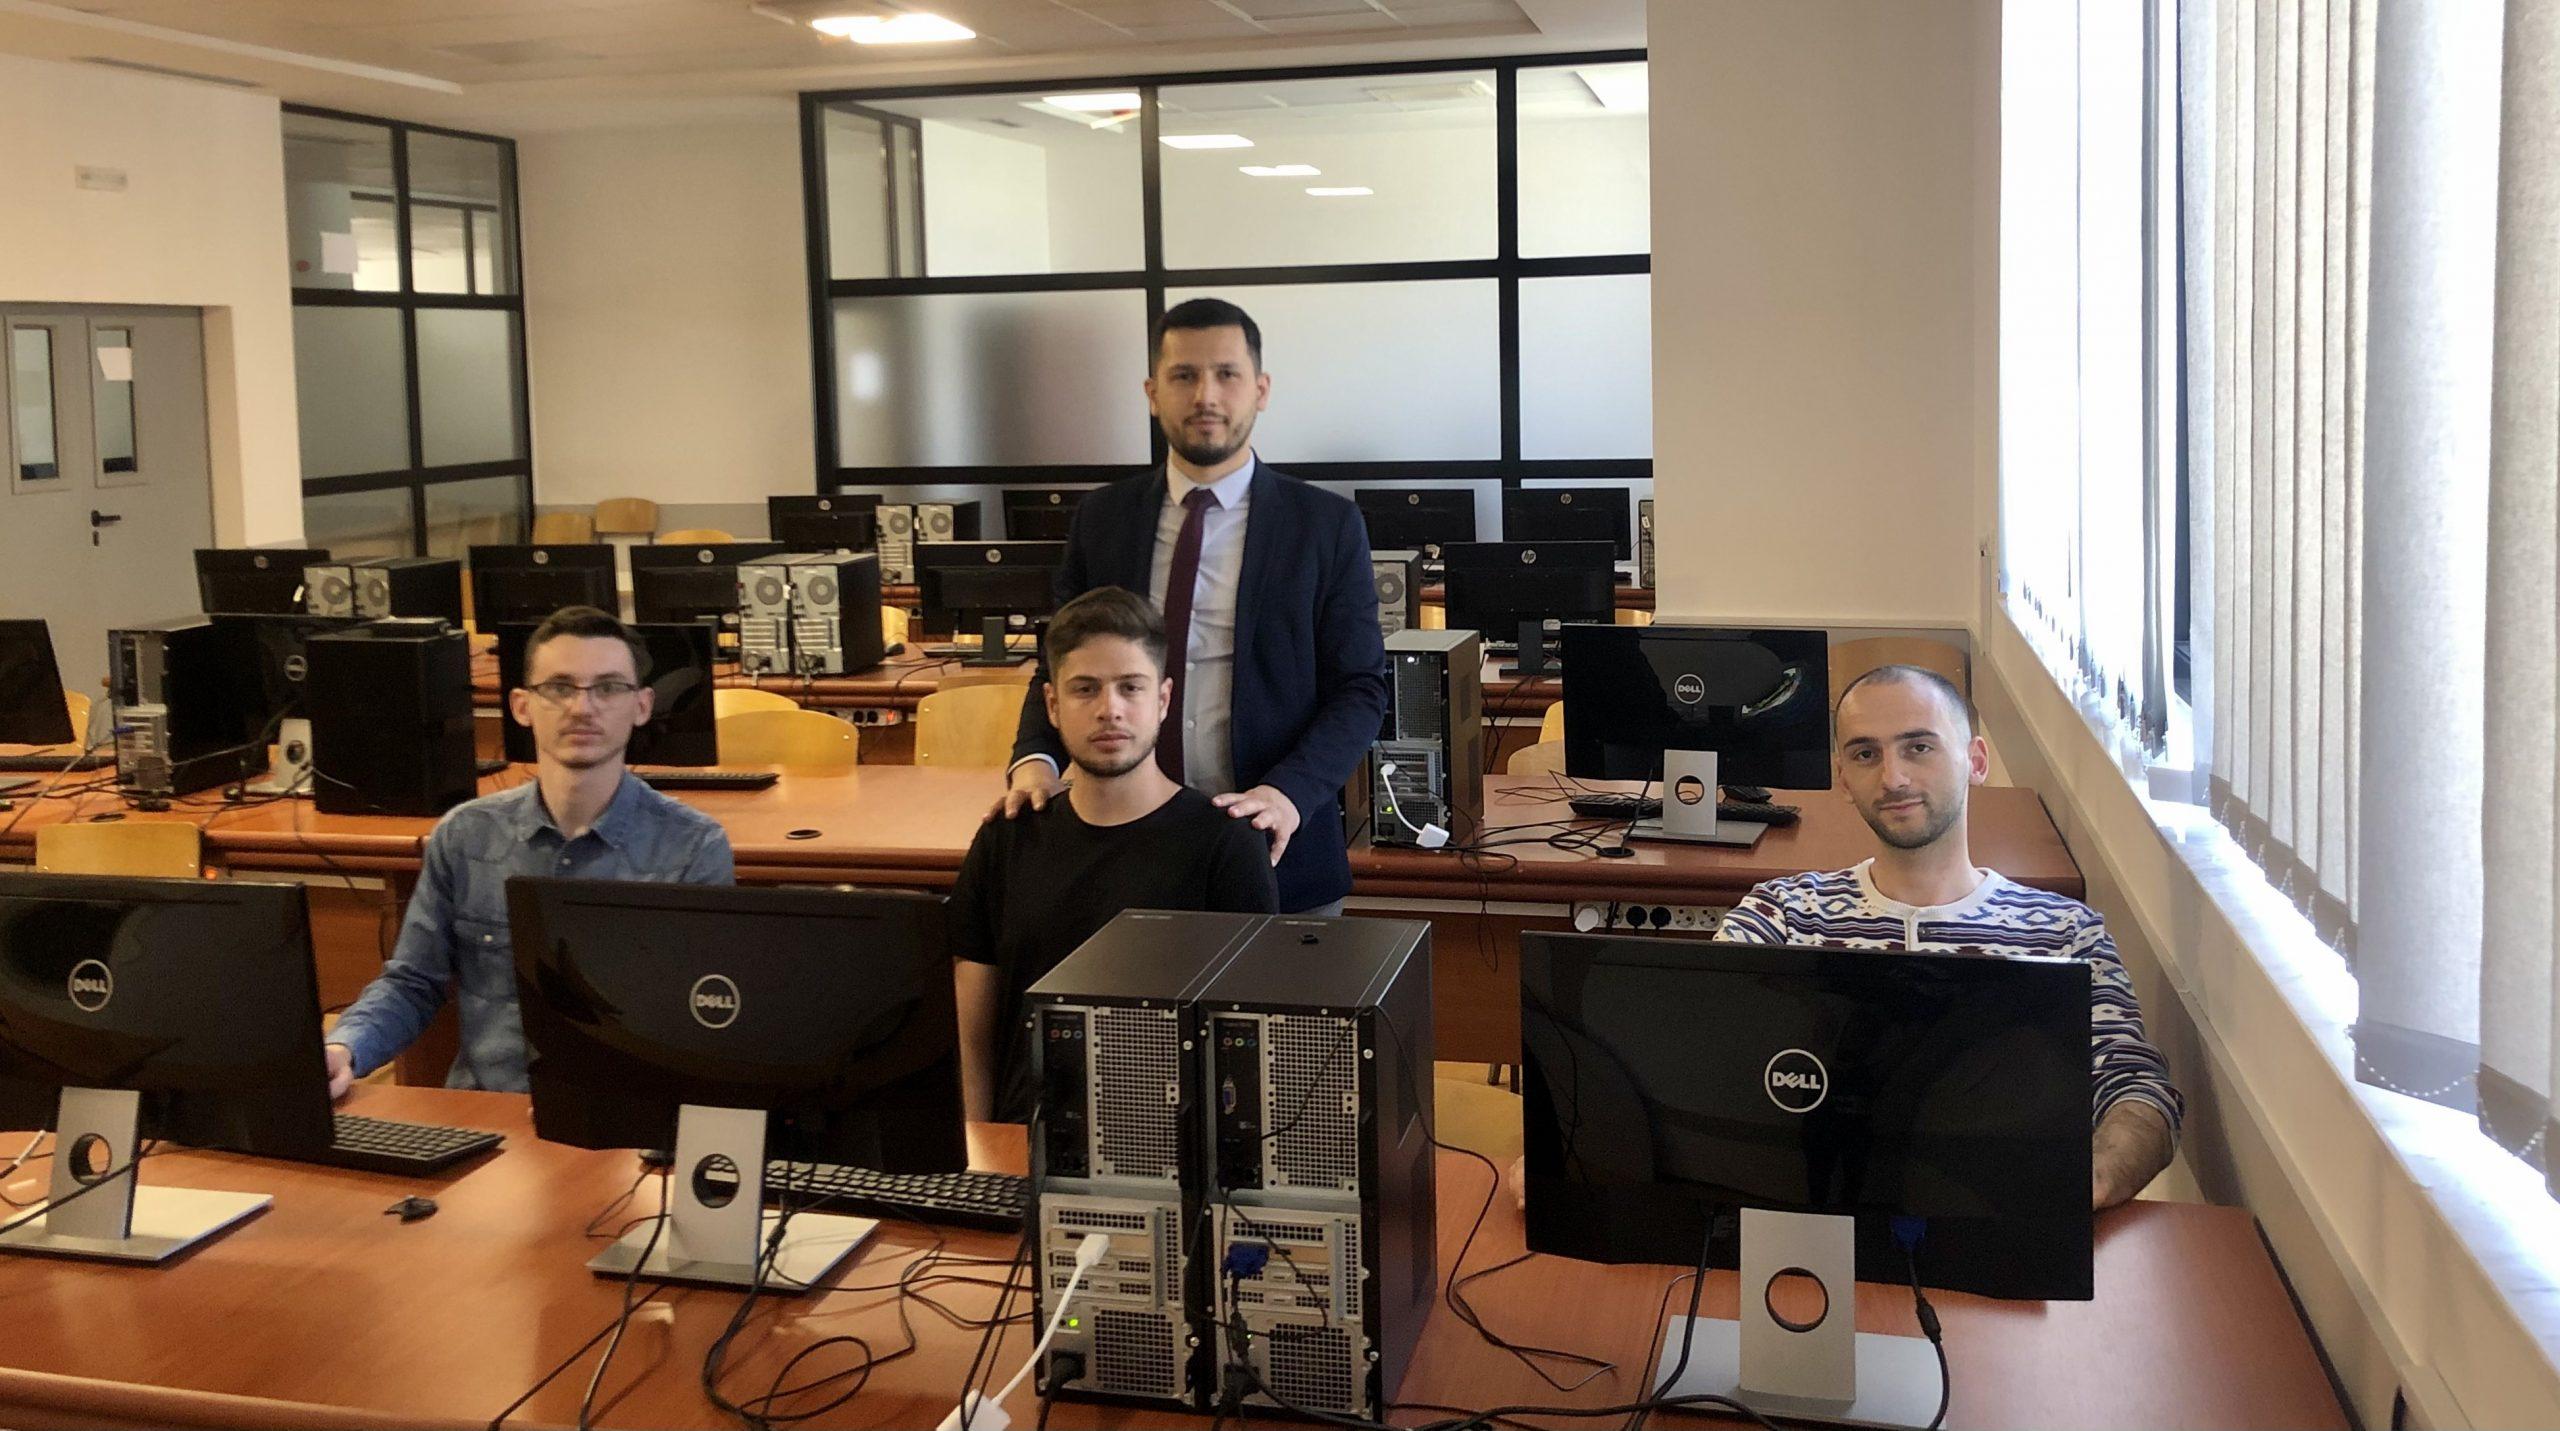 Studentët e UIBM dolën fitues në garën për siguri kibernetike si pjesë e ngjarjes CED Balkans 2021